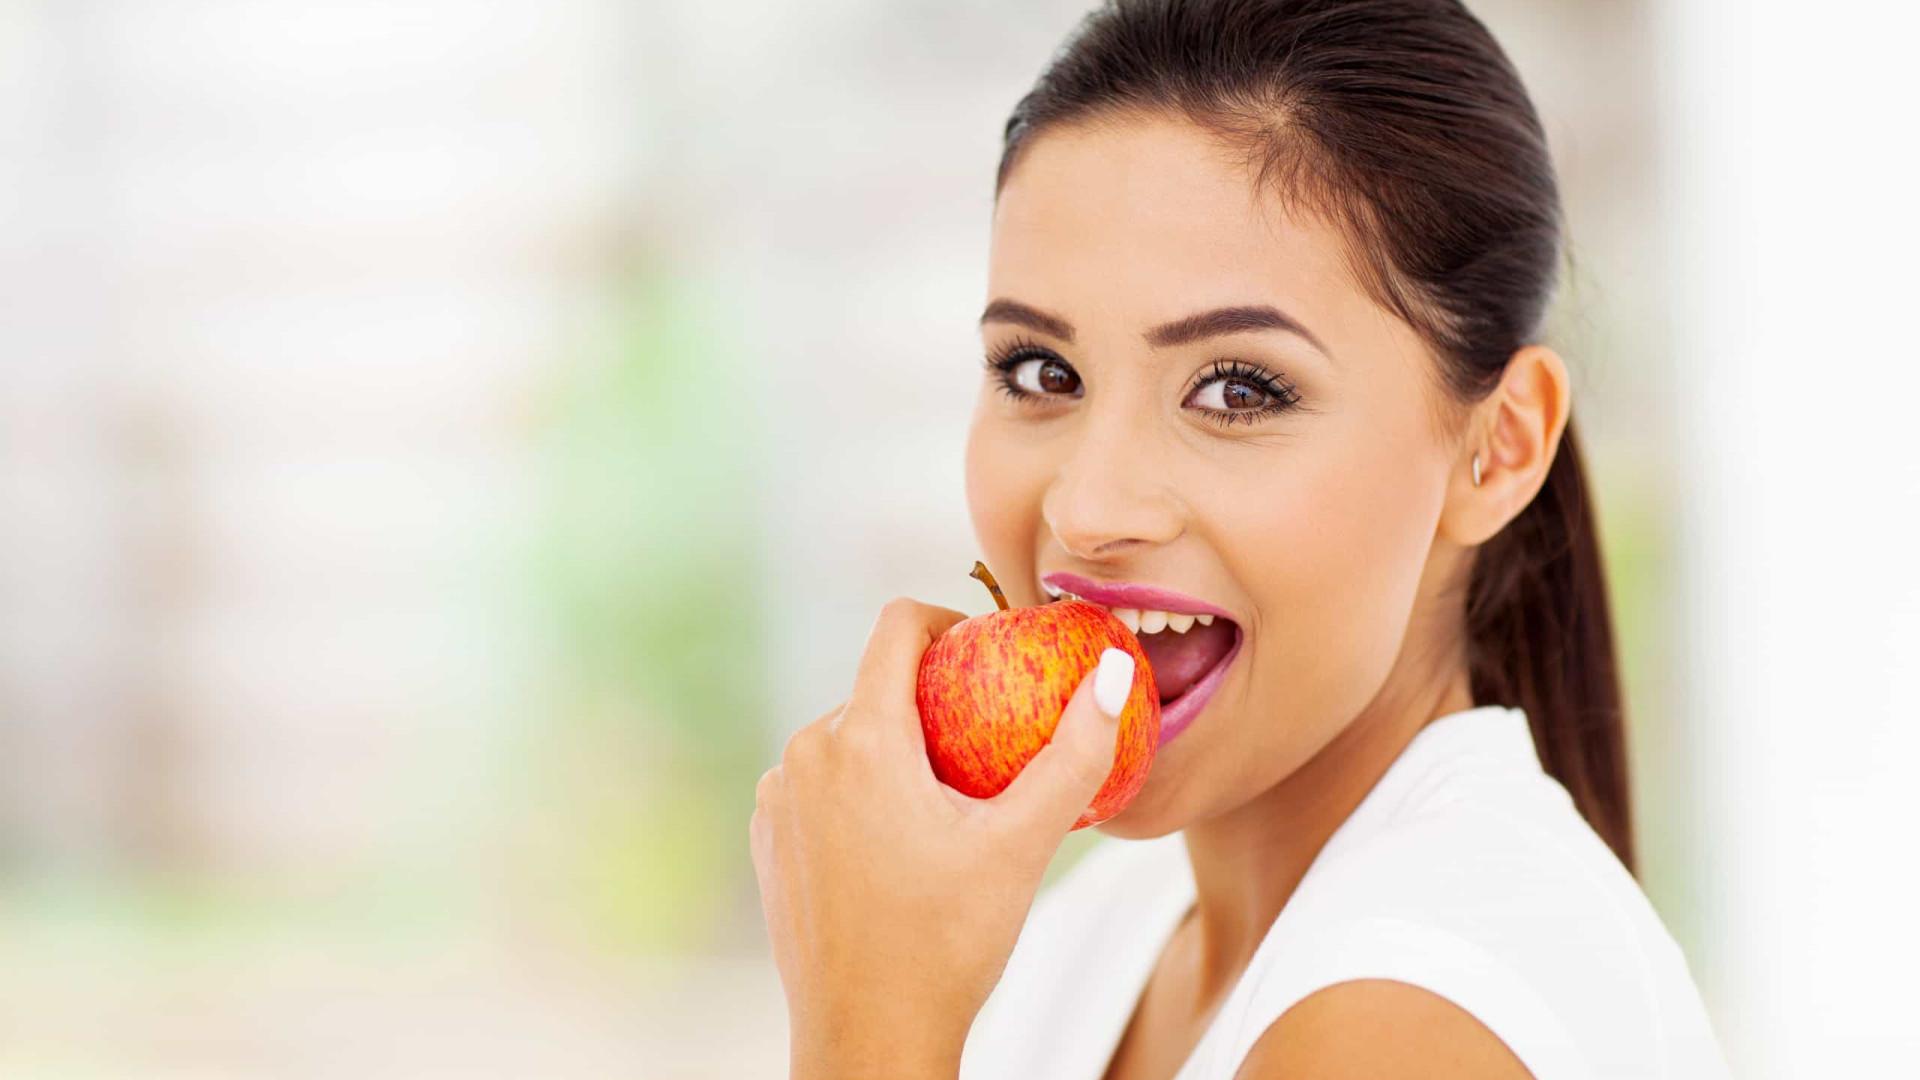 Cinco alimentos poderosos que ajudam a desintoxicar o fígado